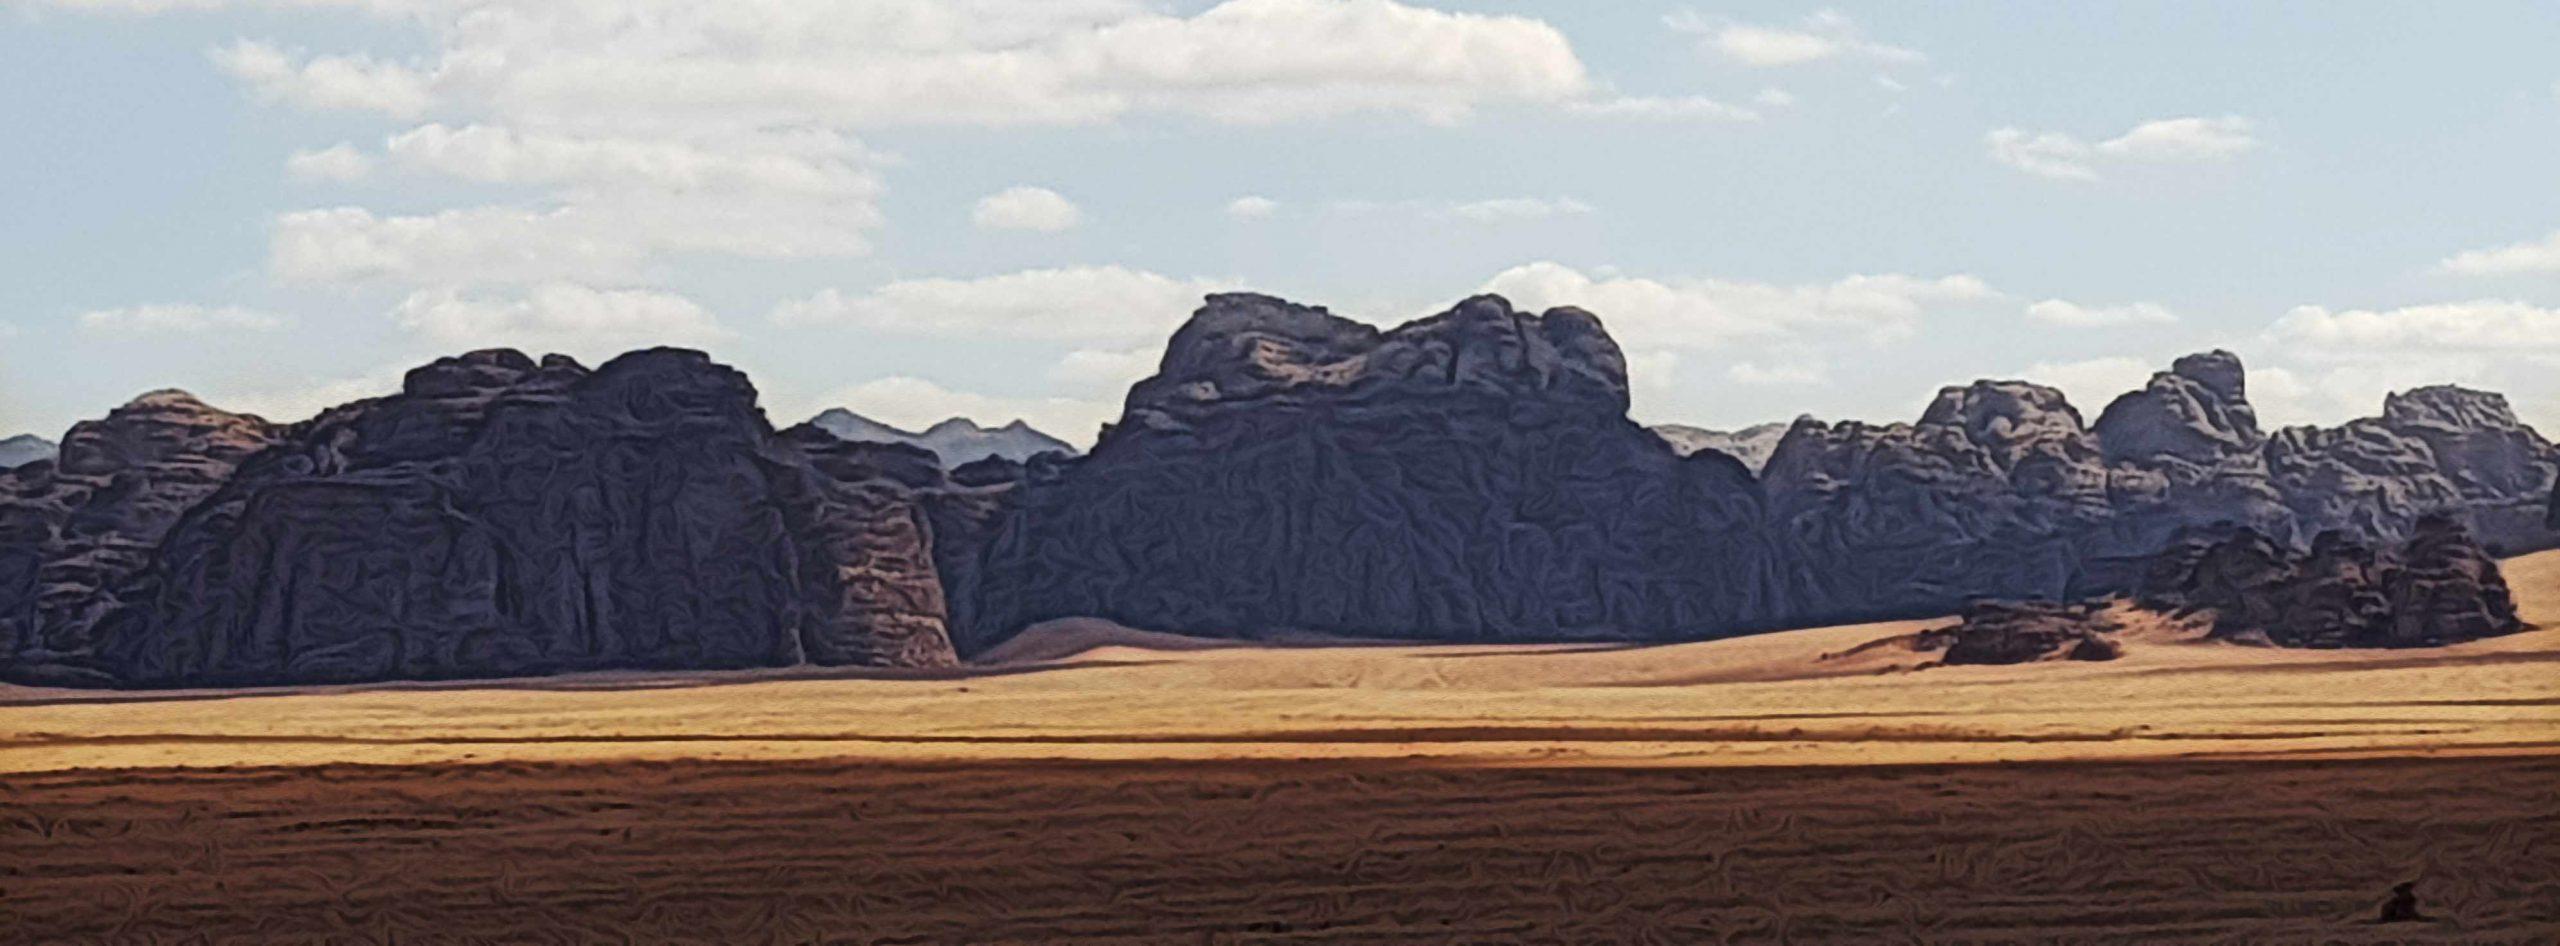 Experiencia de viaje a Jordania de Yolanda y Javier - Una foto panorámica de Wadi Rum